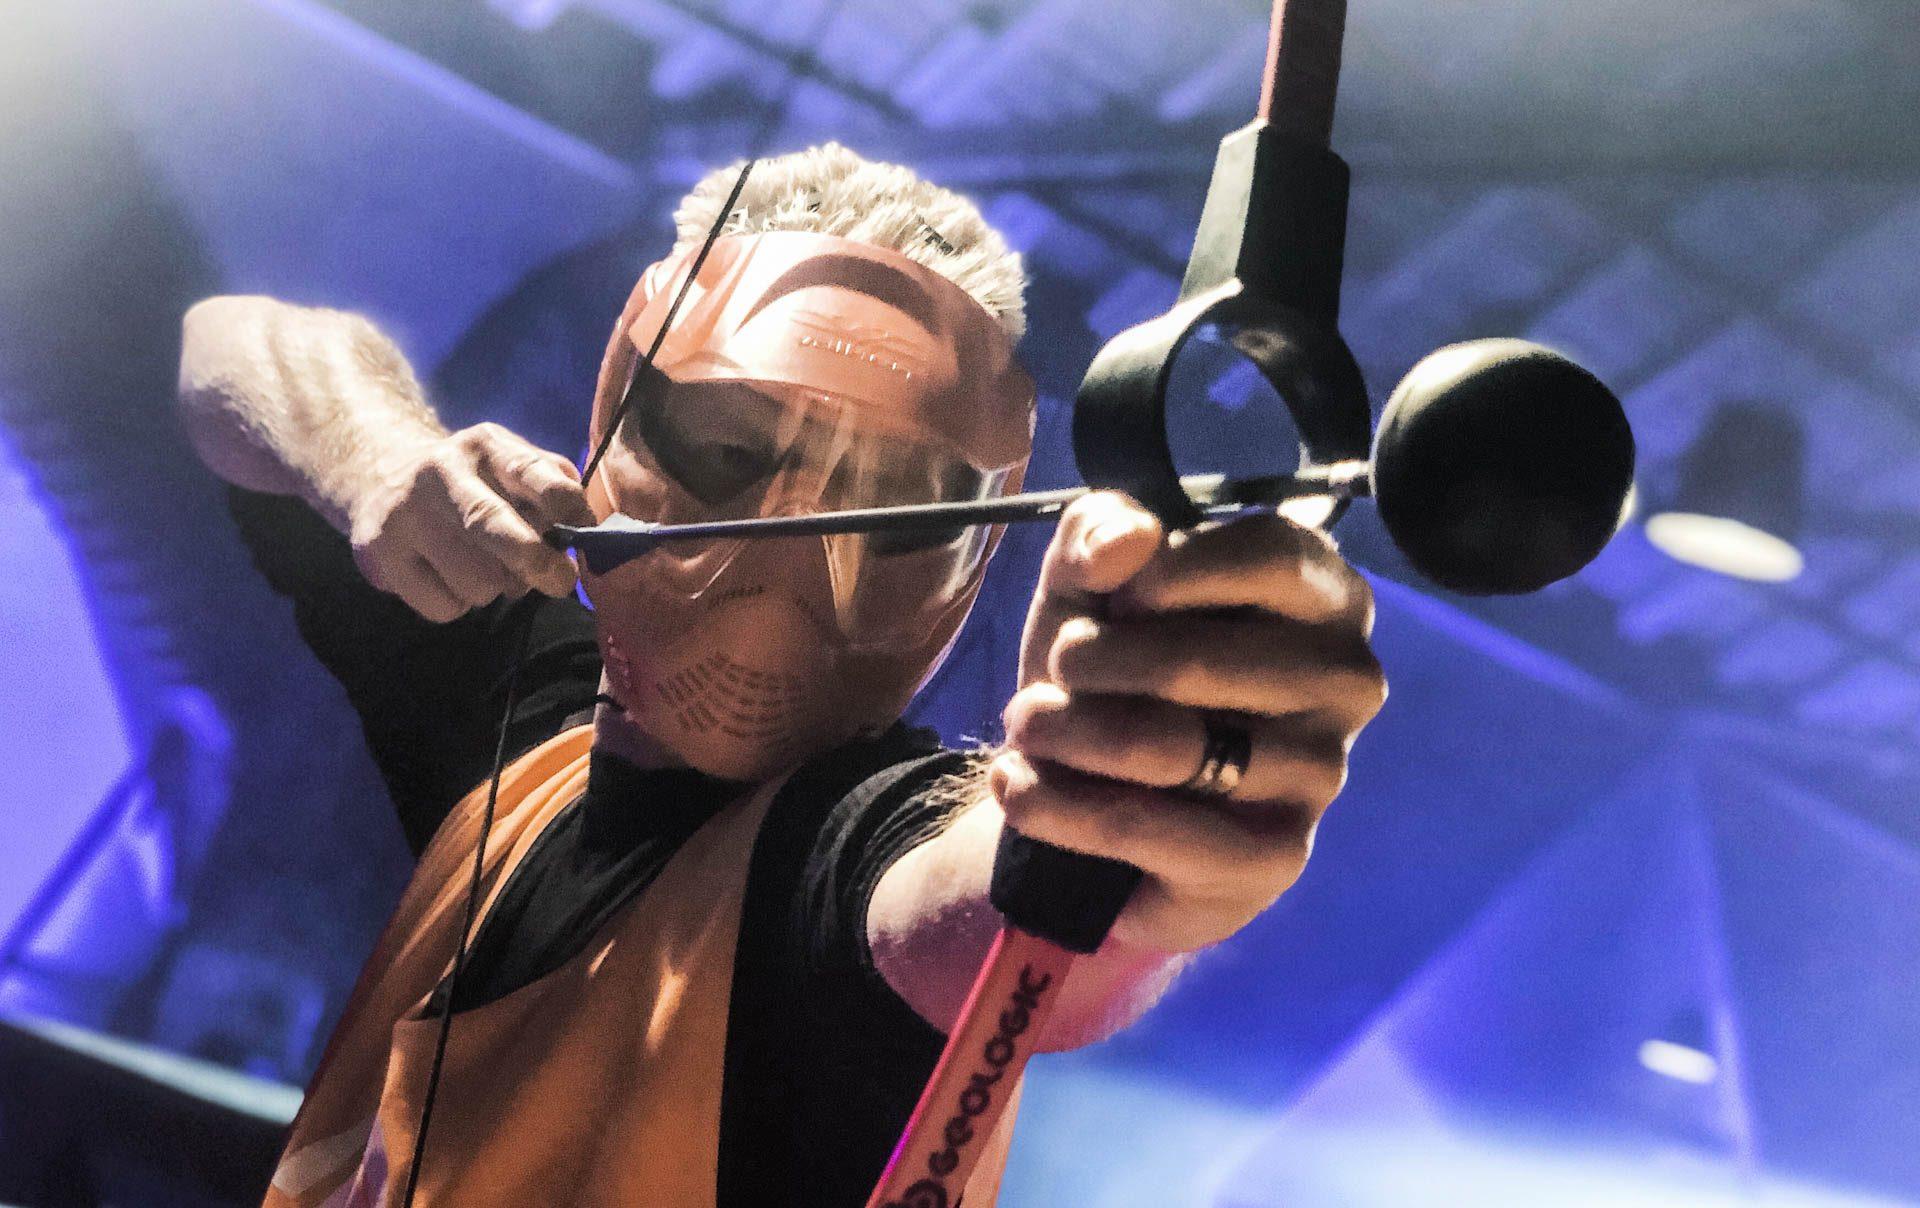 gävlekommun hemsida archery tag